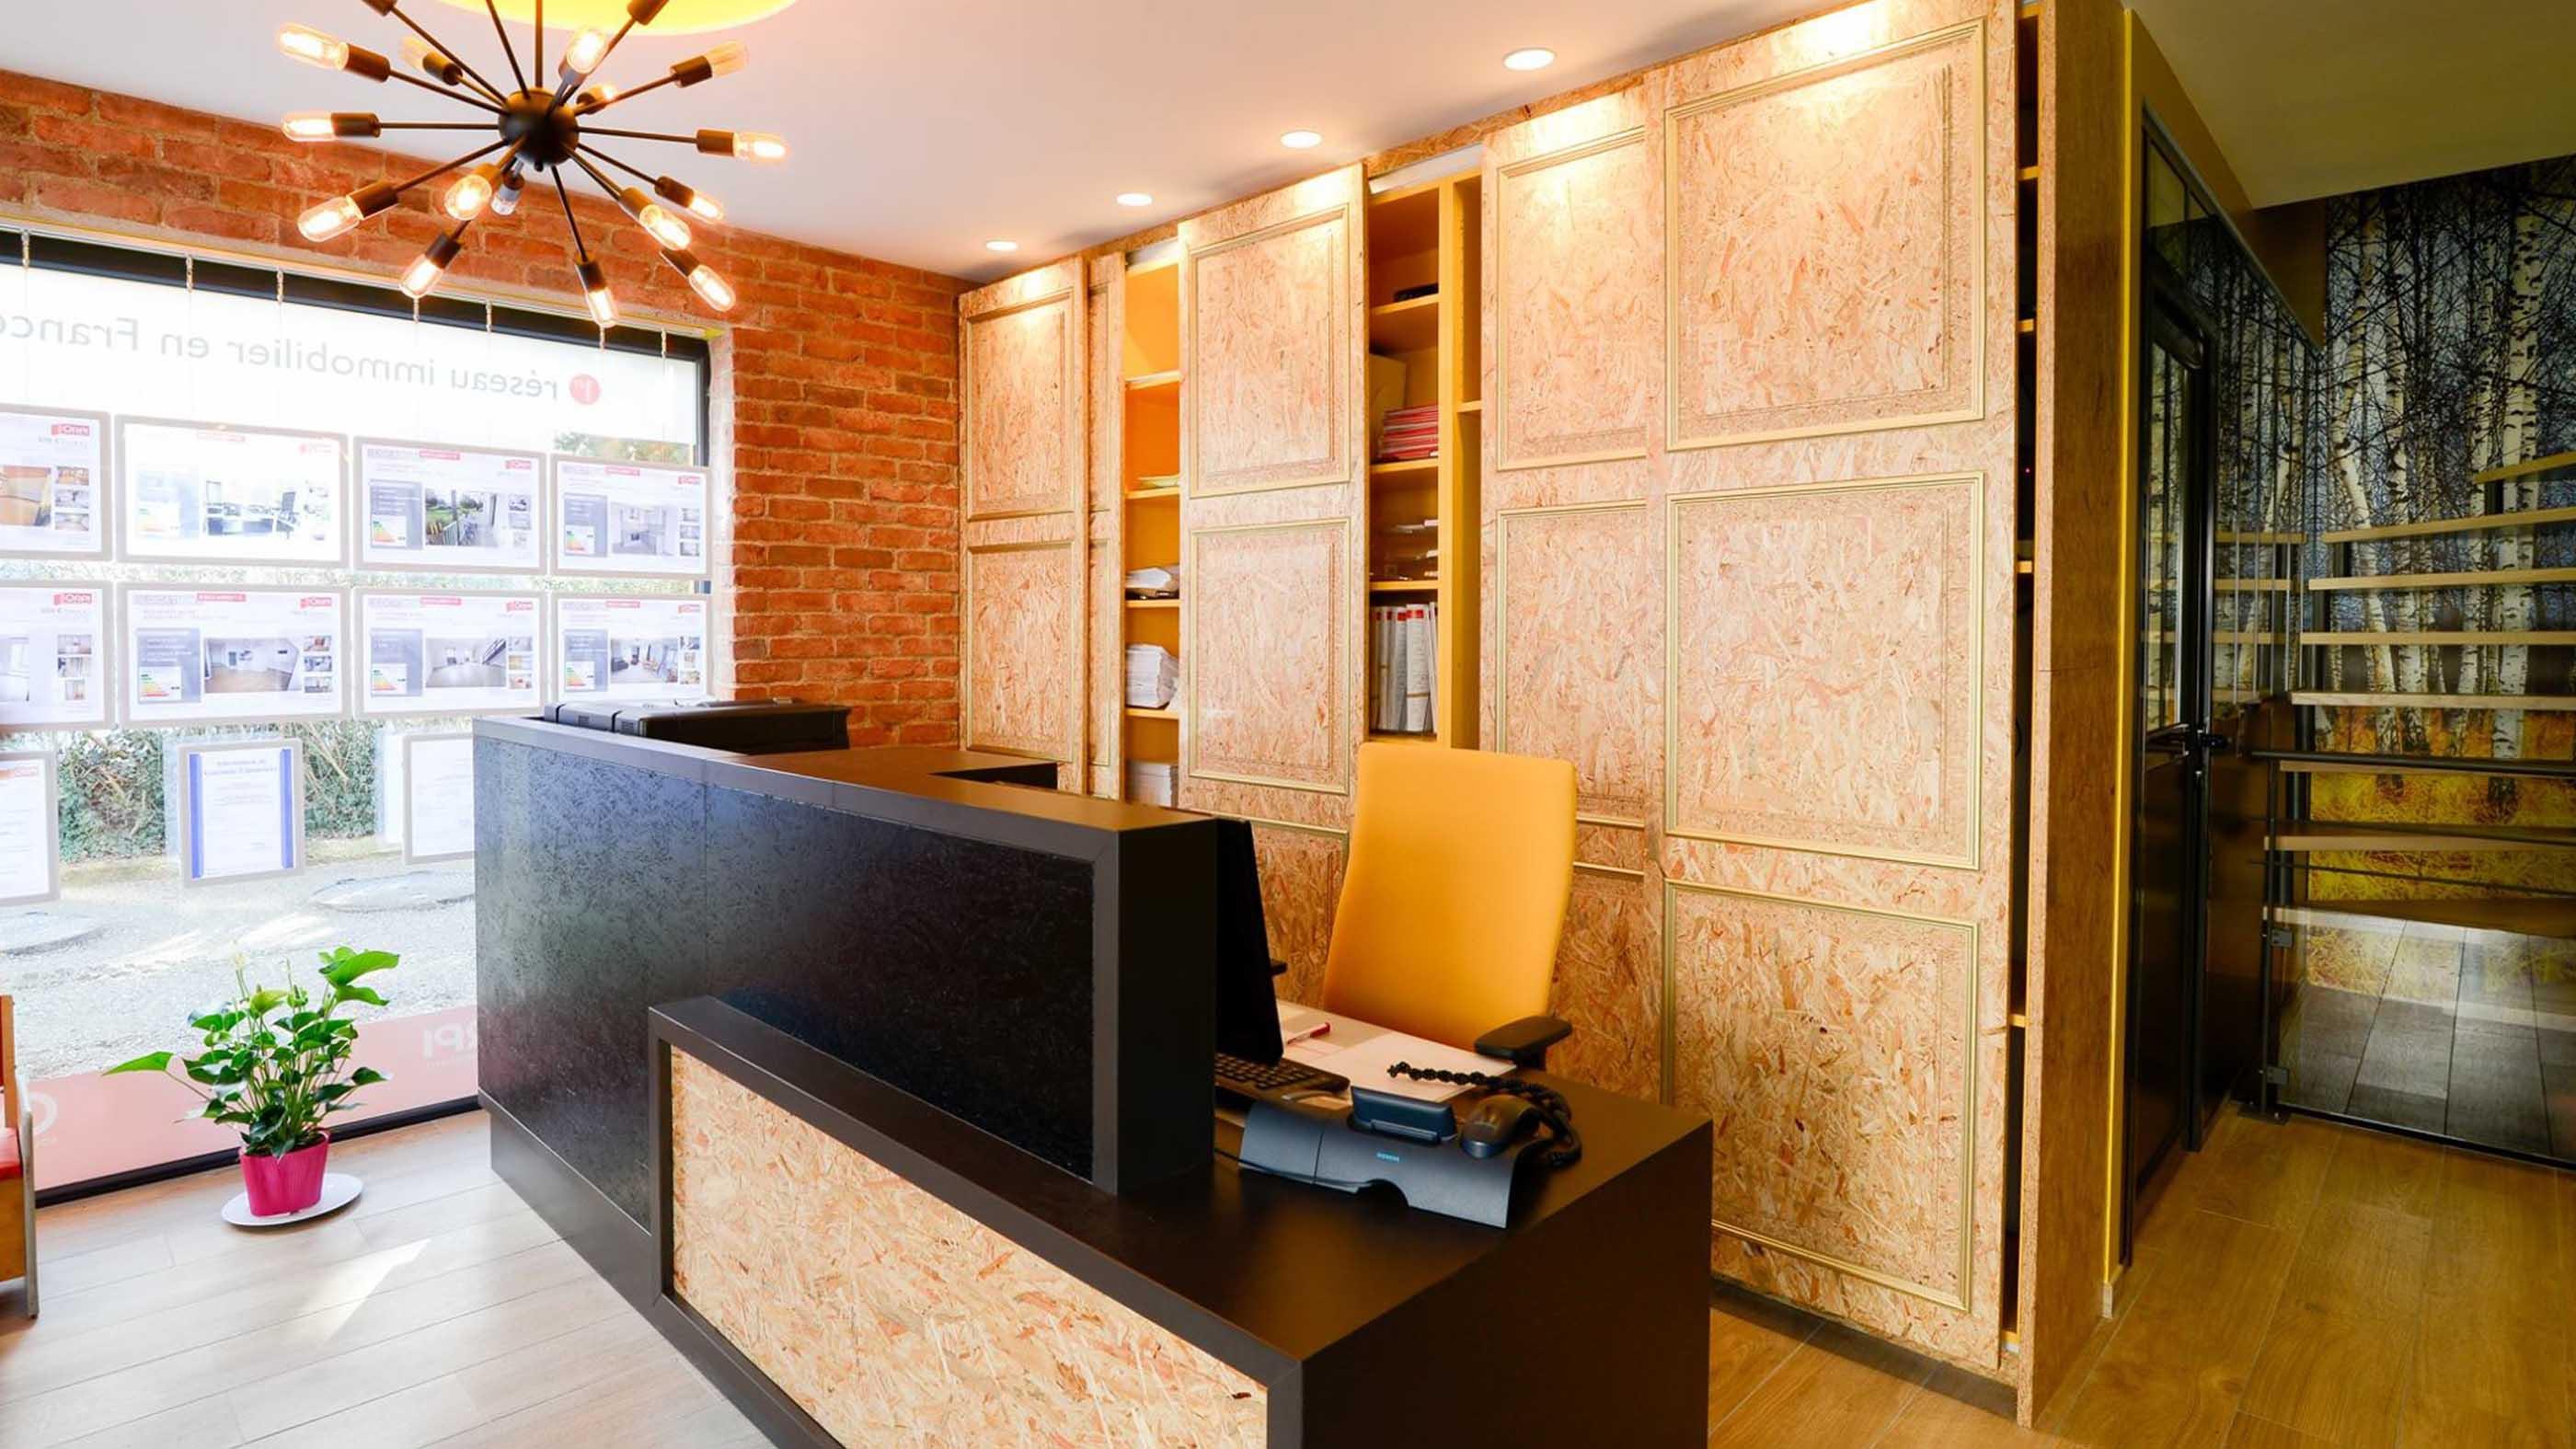 Aménagement d'un espace accueil chez un professionnel avec comptoir